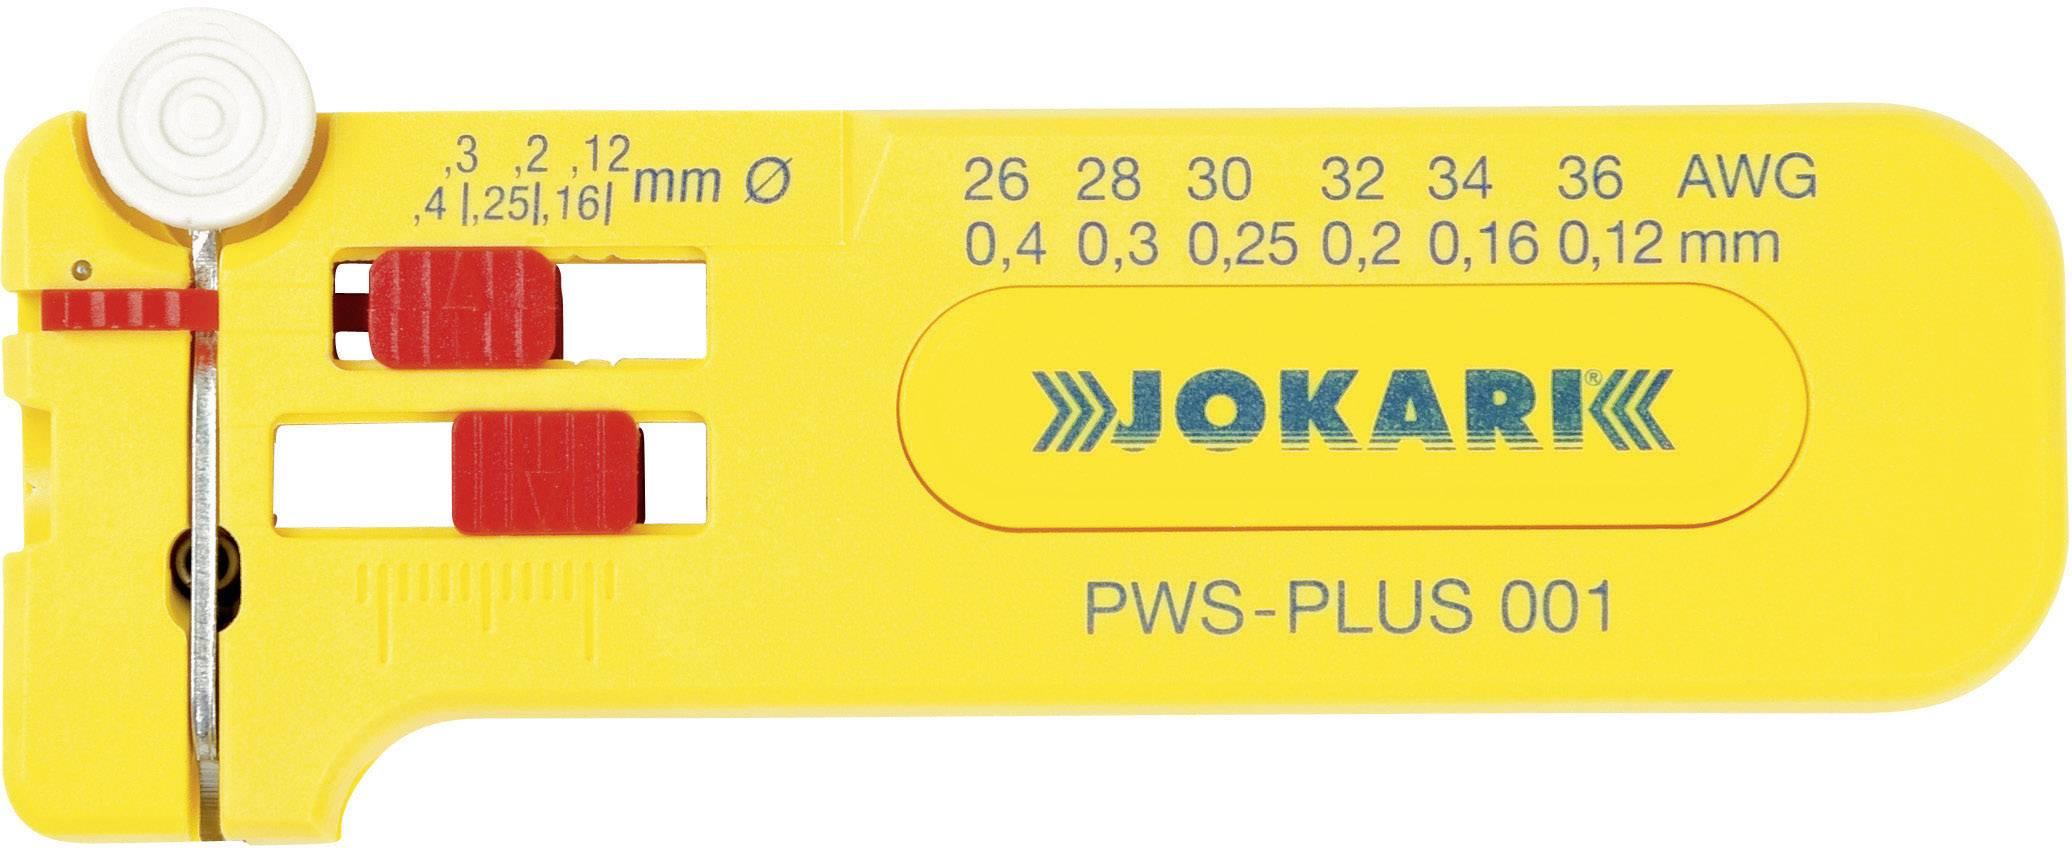 Odizolvacie kliešte Jokari PWS-PLUS 001 40024, 0.12 do 0.40 mm